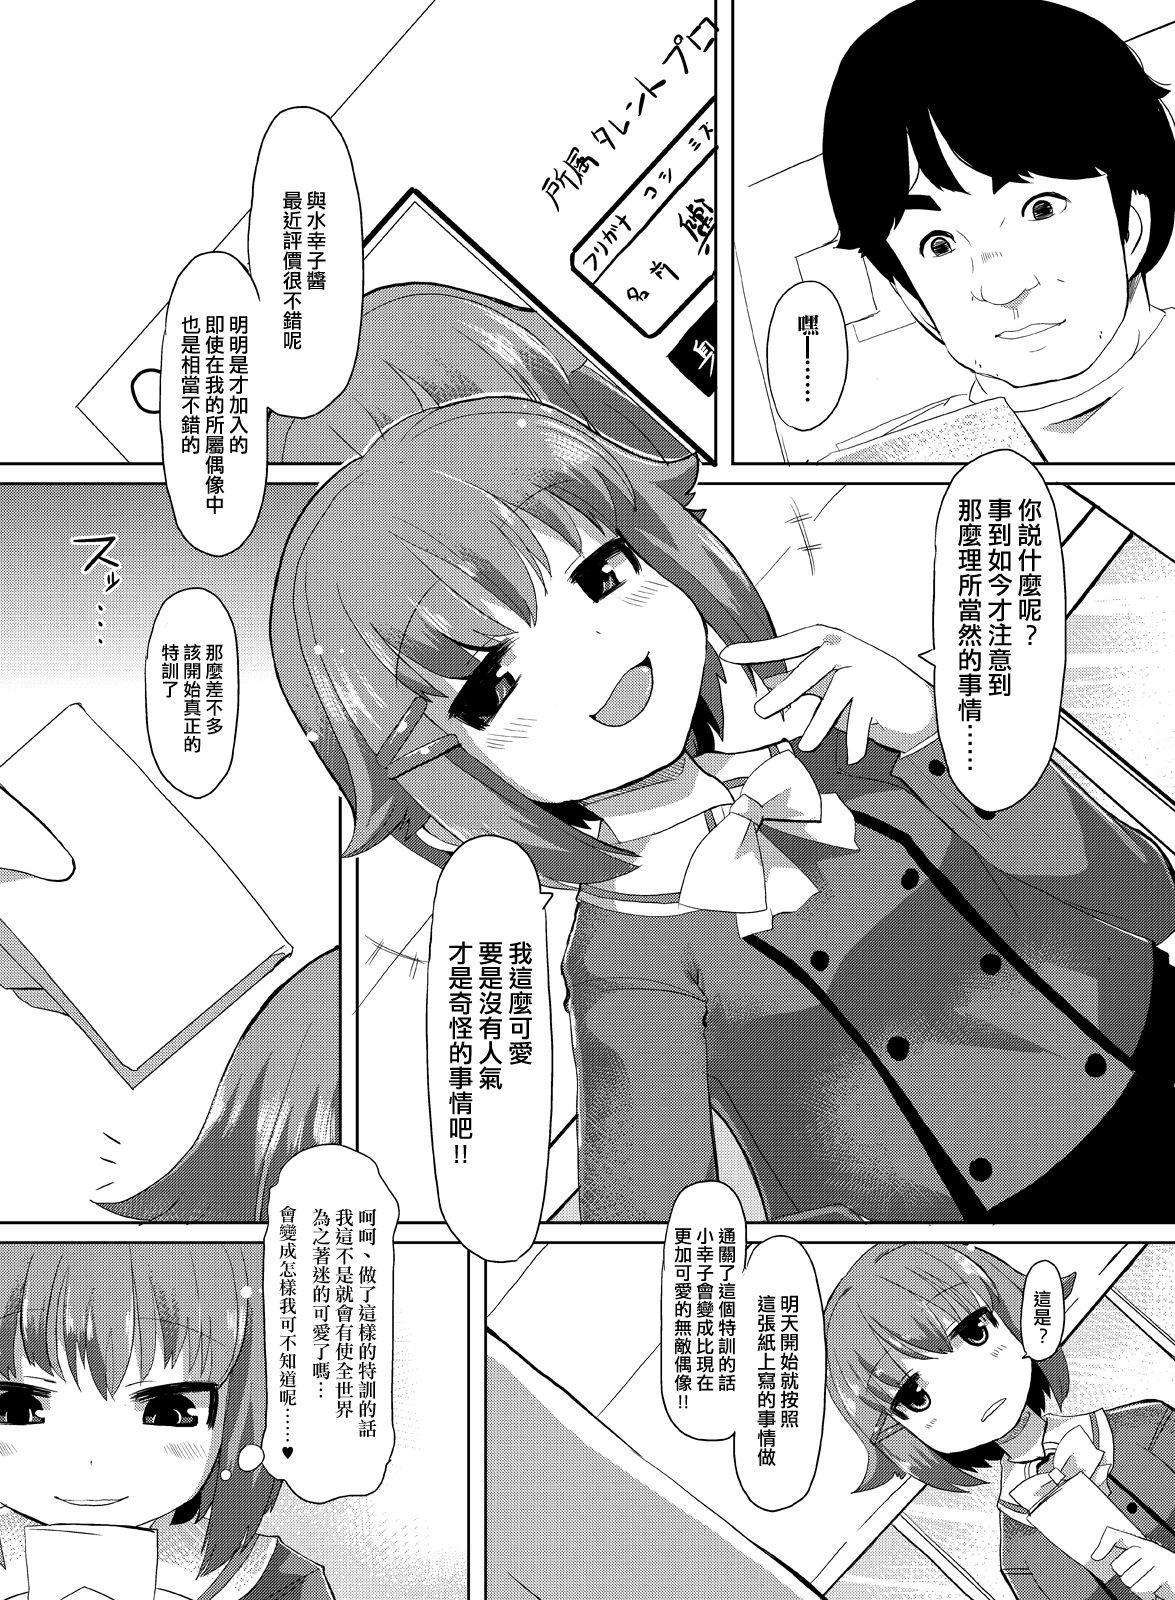 Idol no Boku ga Konna ni Kawaii no wa Atari mae 6